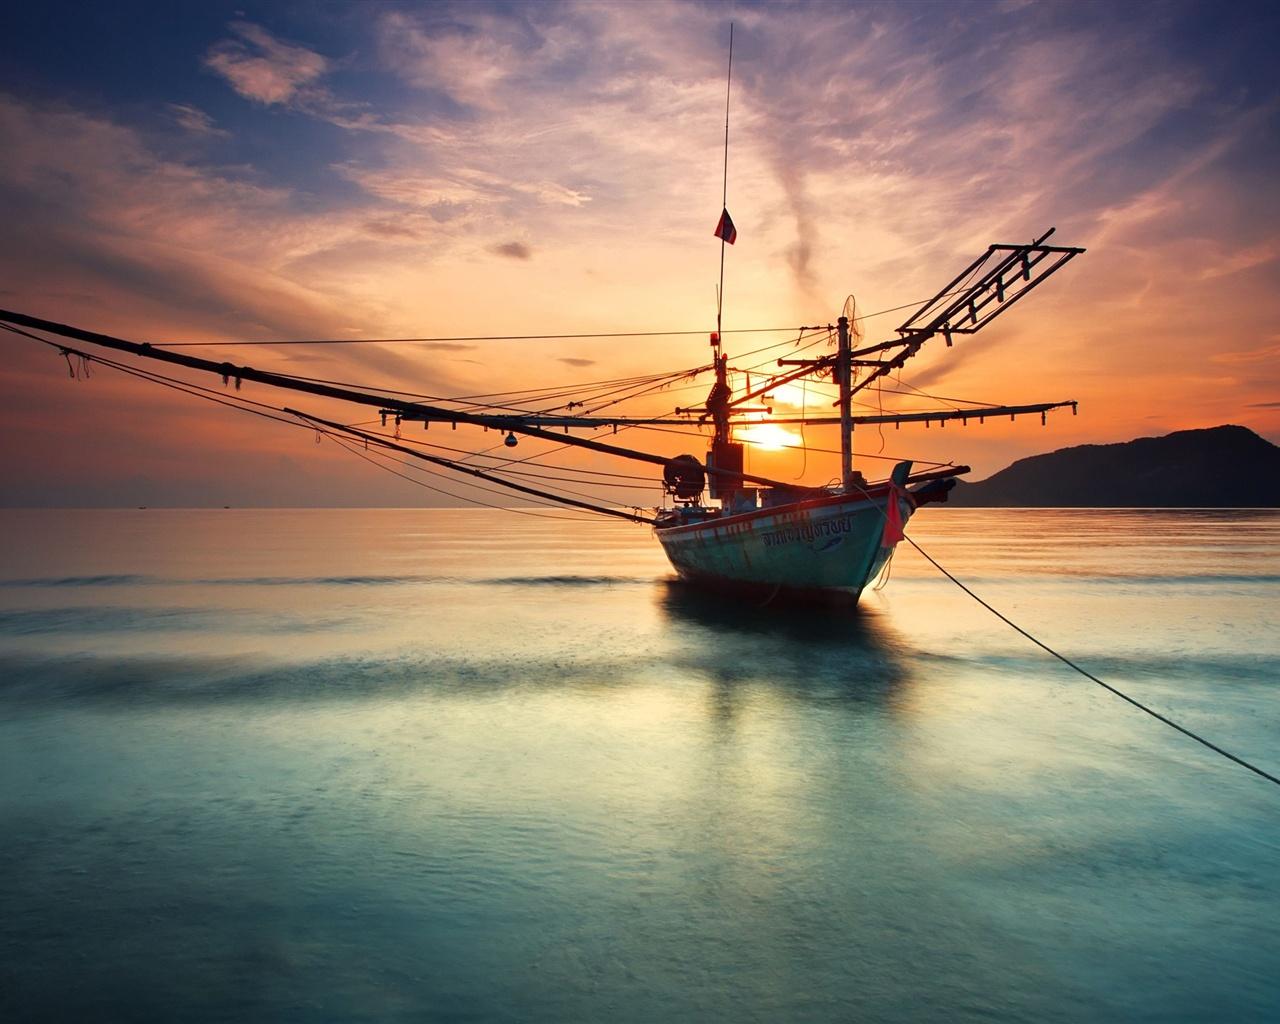 梦见船在水中行驶很快